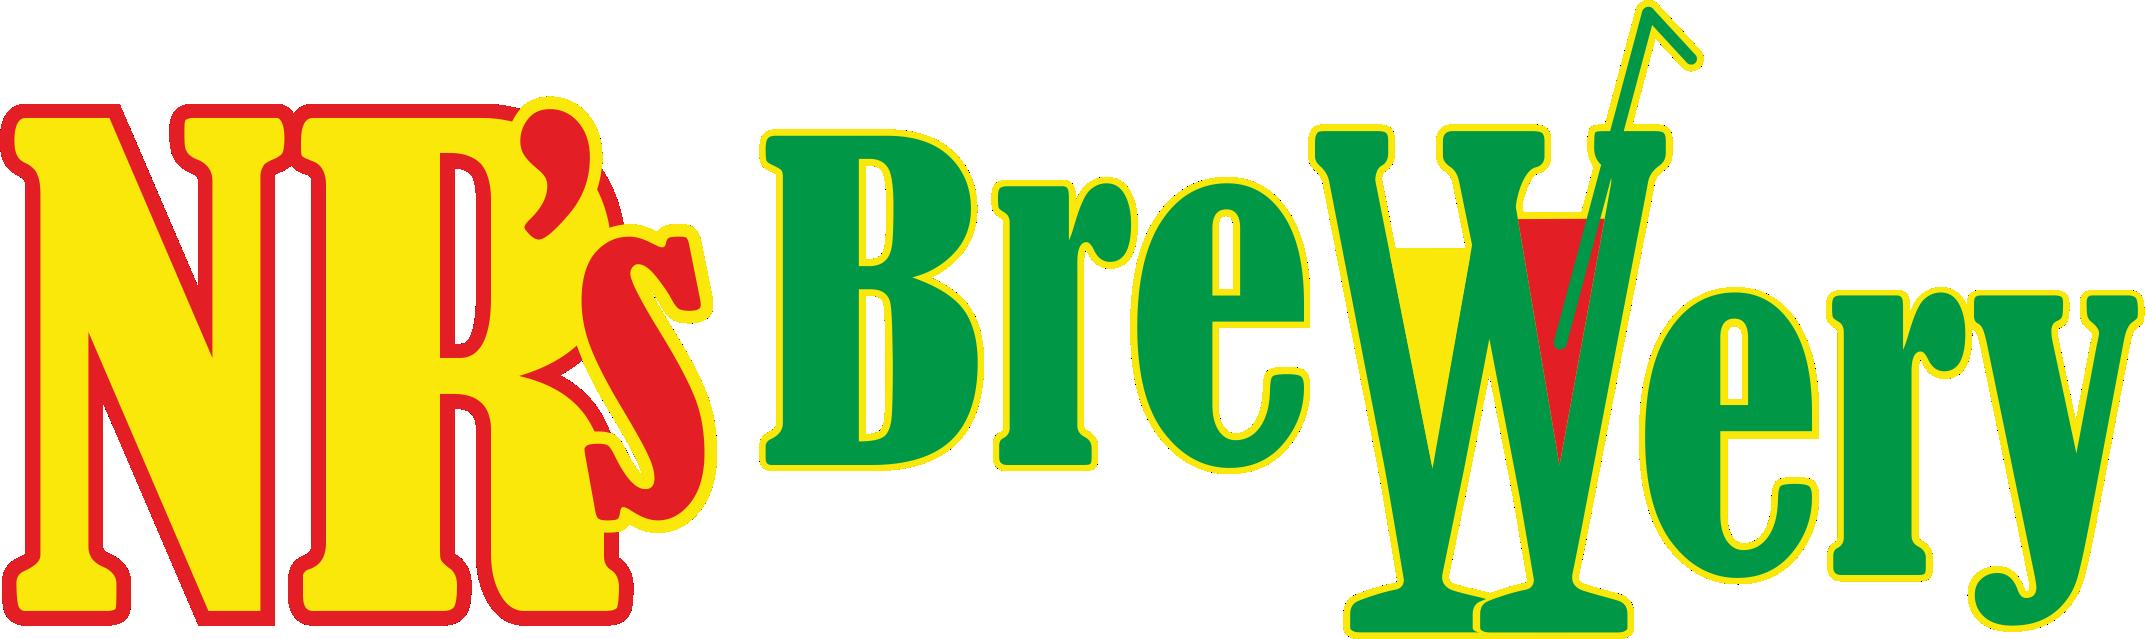 Название/вывеска на магазин пивоварни фото f_7605982e3bf46912.png